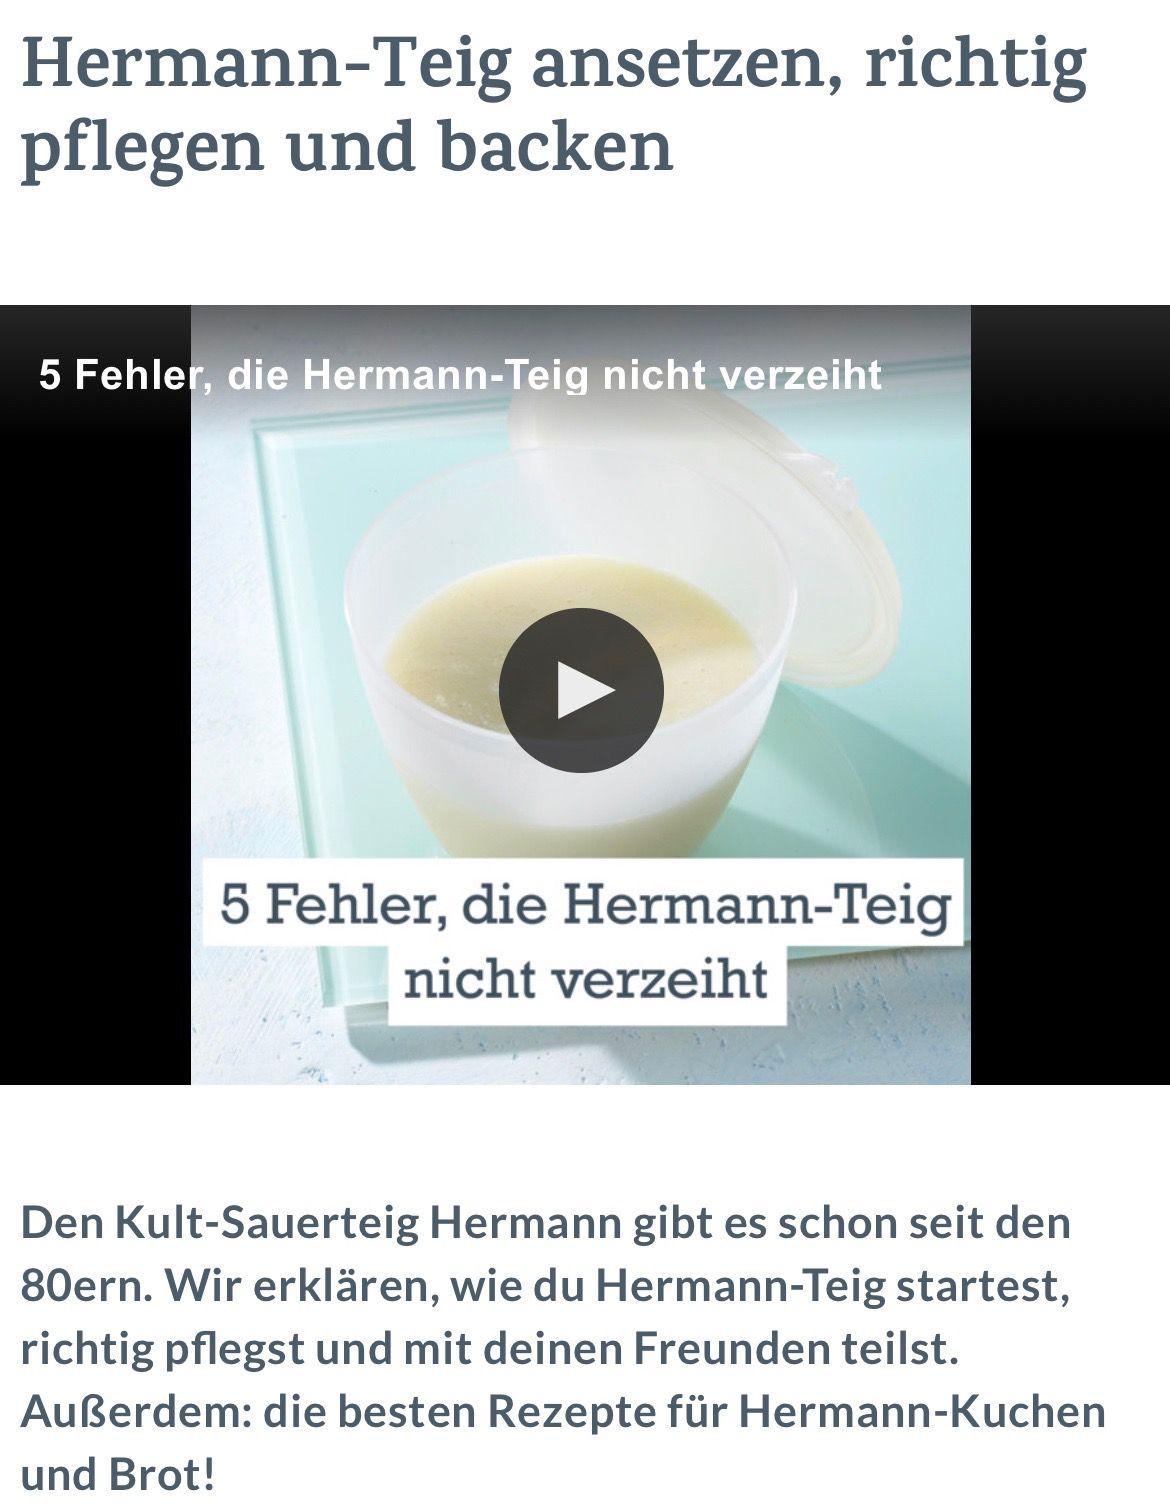 Hermann Teig Ansetzen Richtig Pflegen Und Backen Diafora Spitika